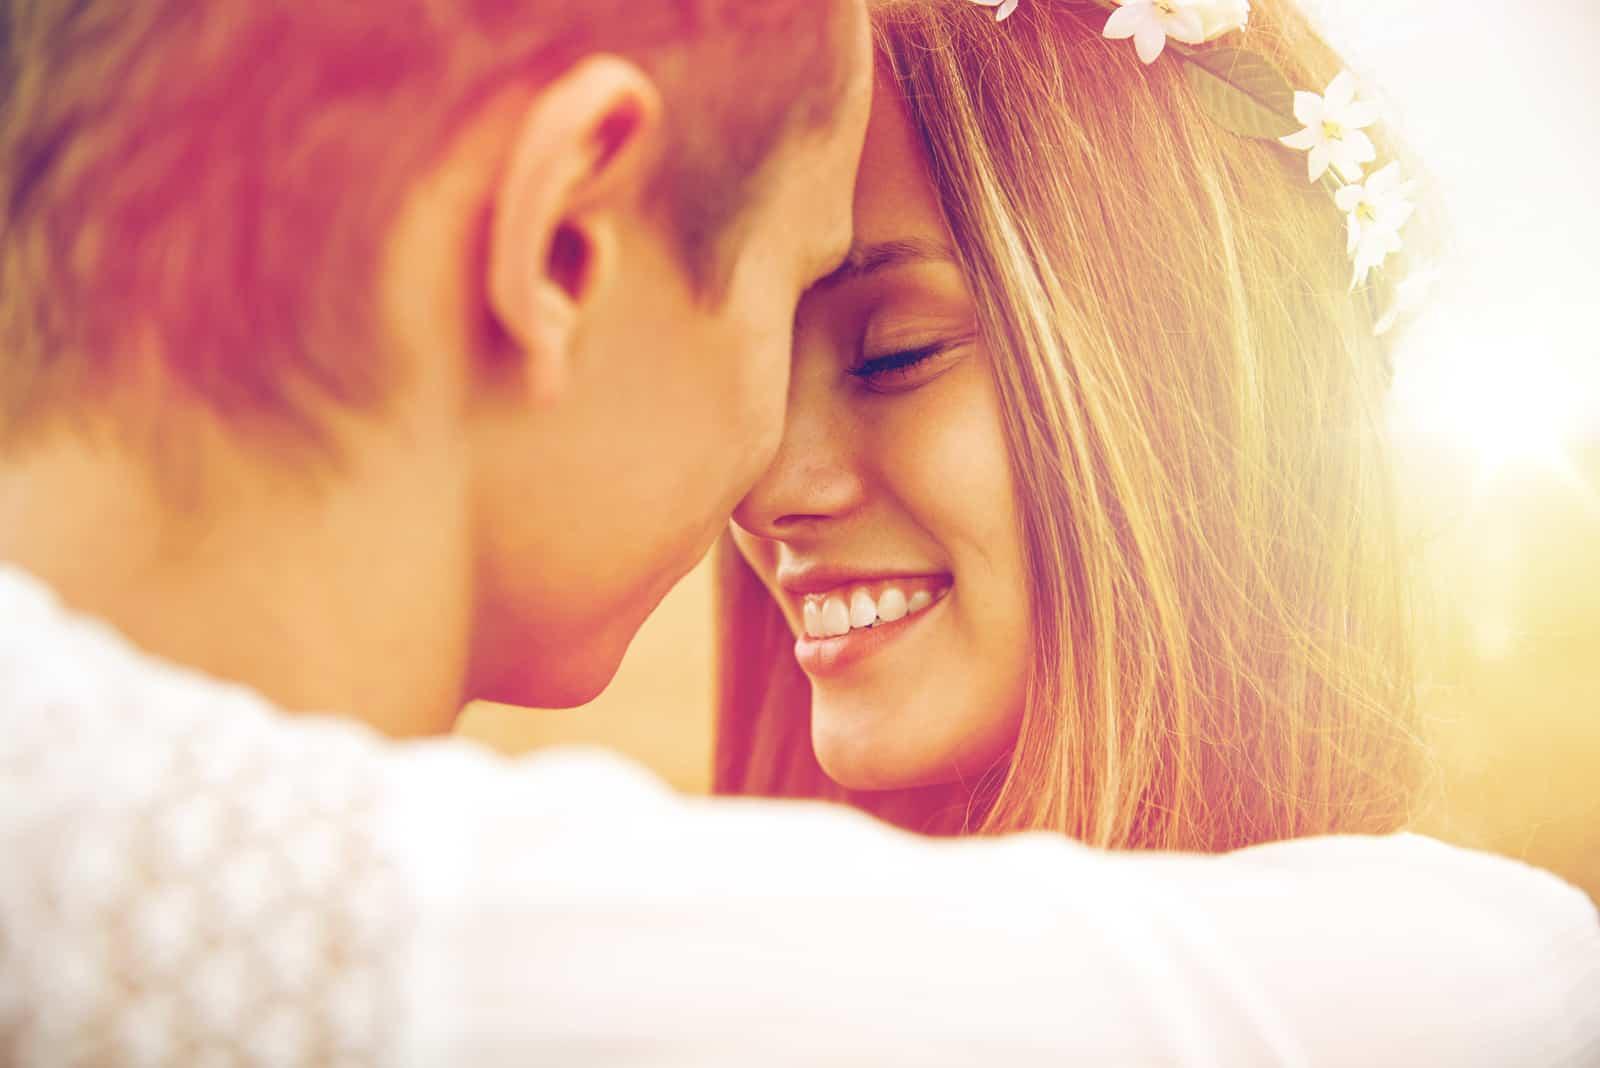 eine lächelnde Frau sieht dem Mann zu, wie er sich umarmt